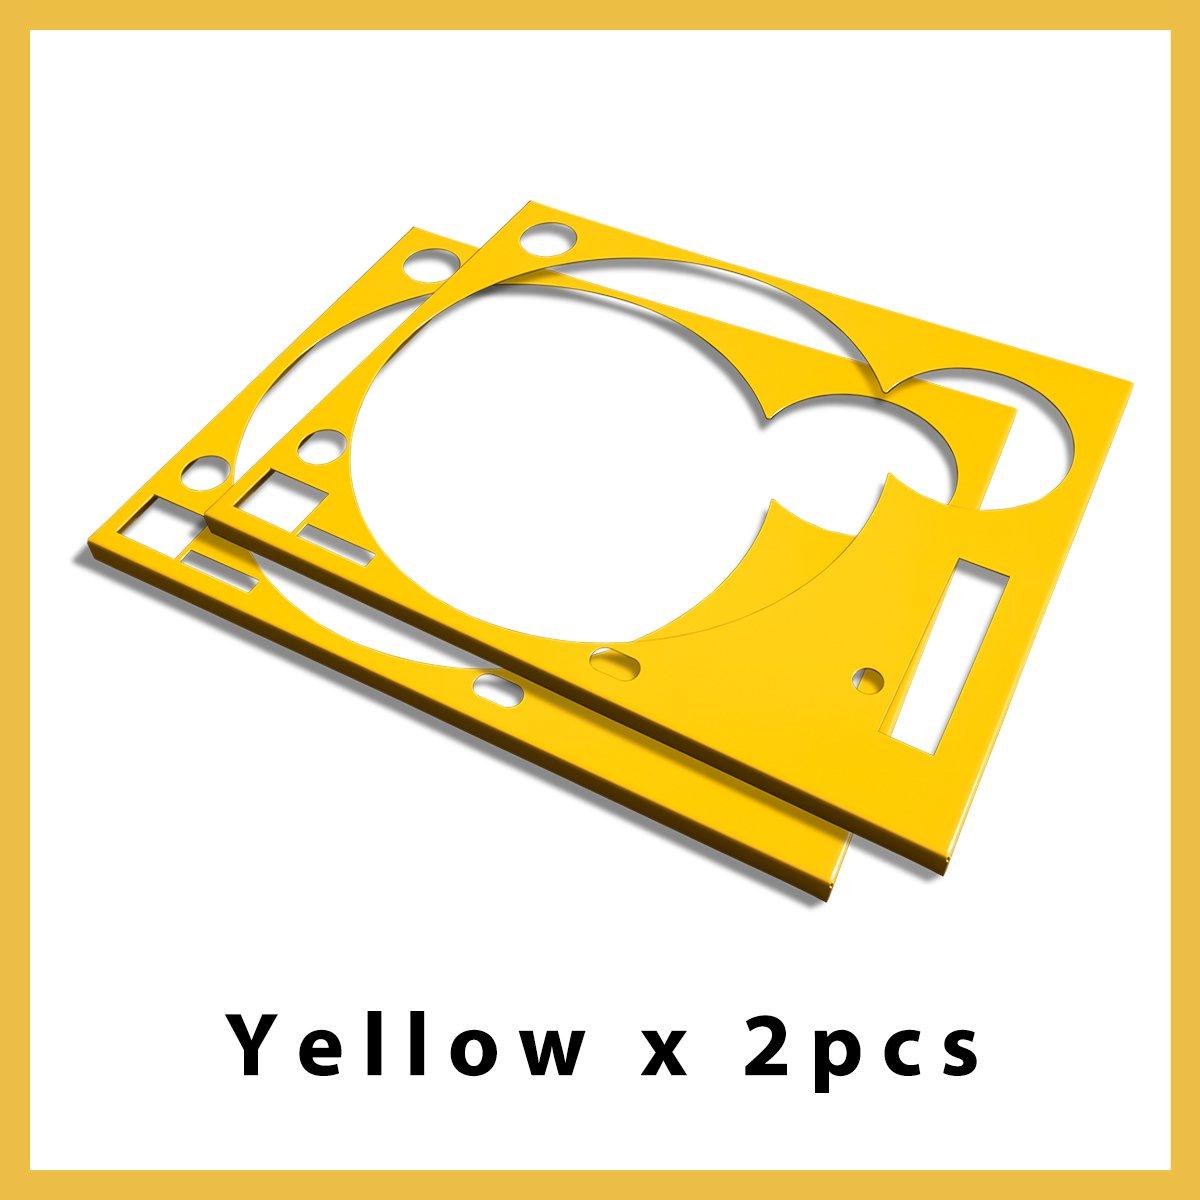 * ターンテーブル カバー (Faceplate)*  イエロー  2枚組 (for Technics SL-1200 MK3D・MK5・MK6)